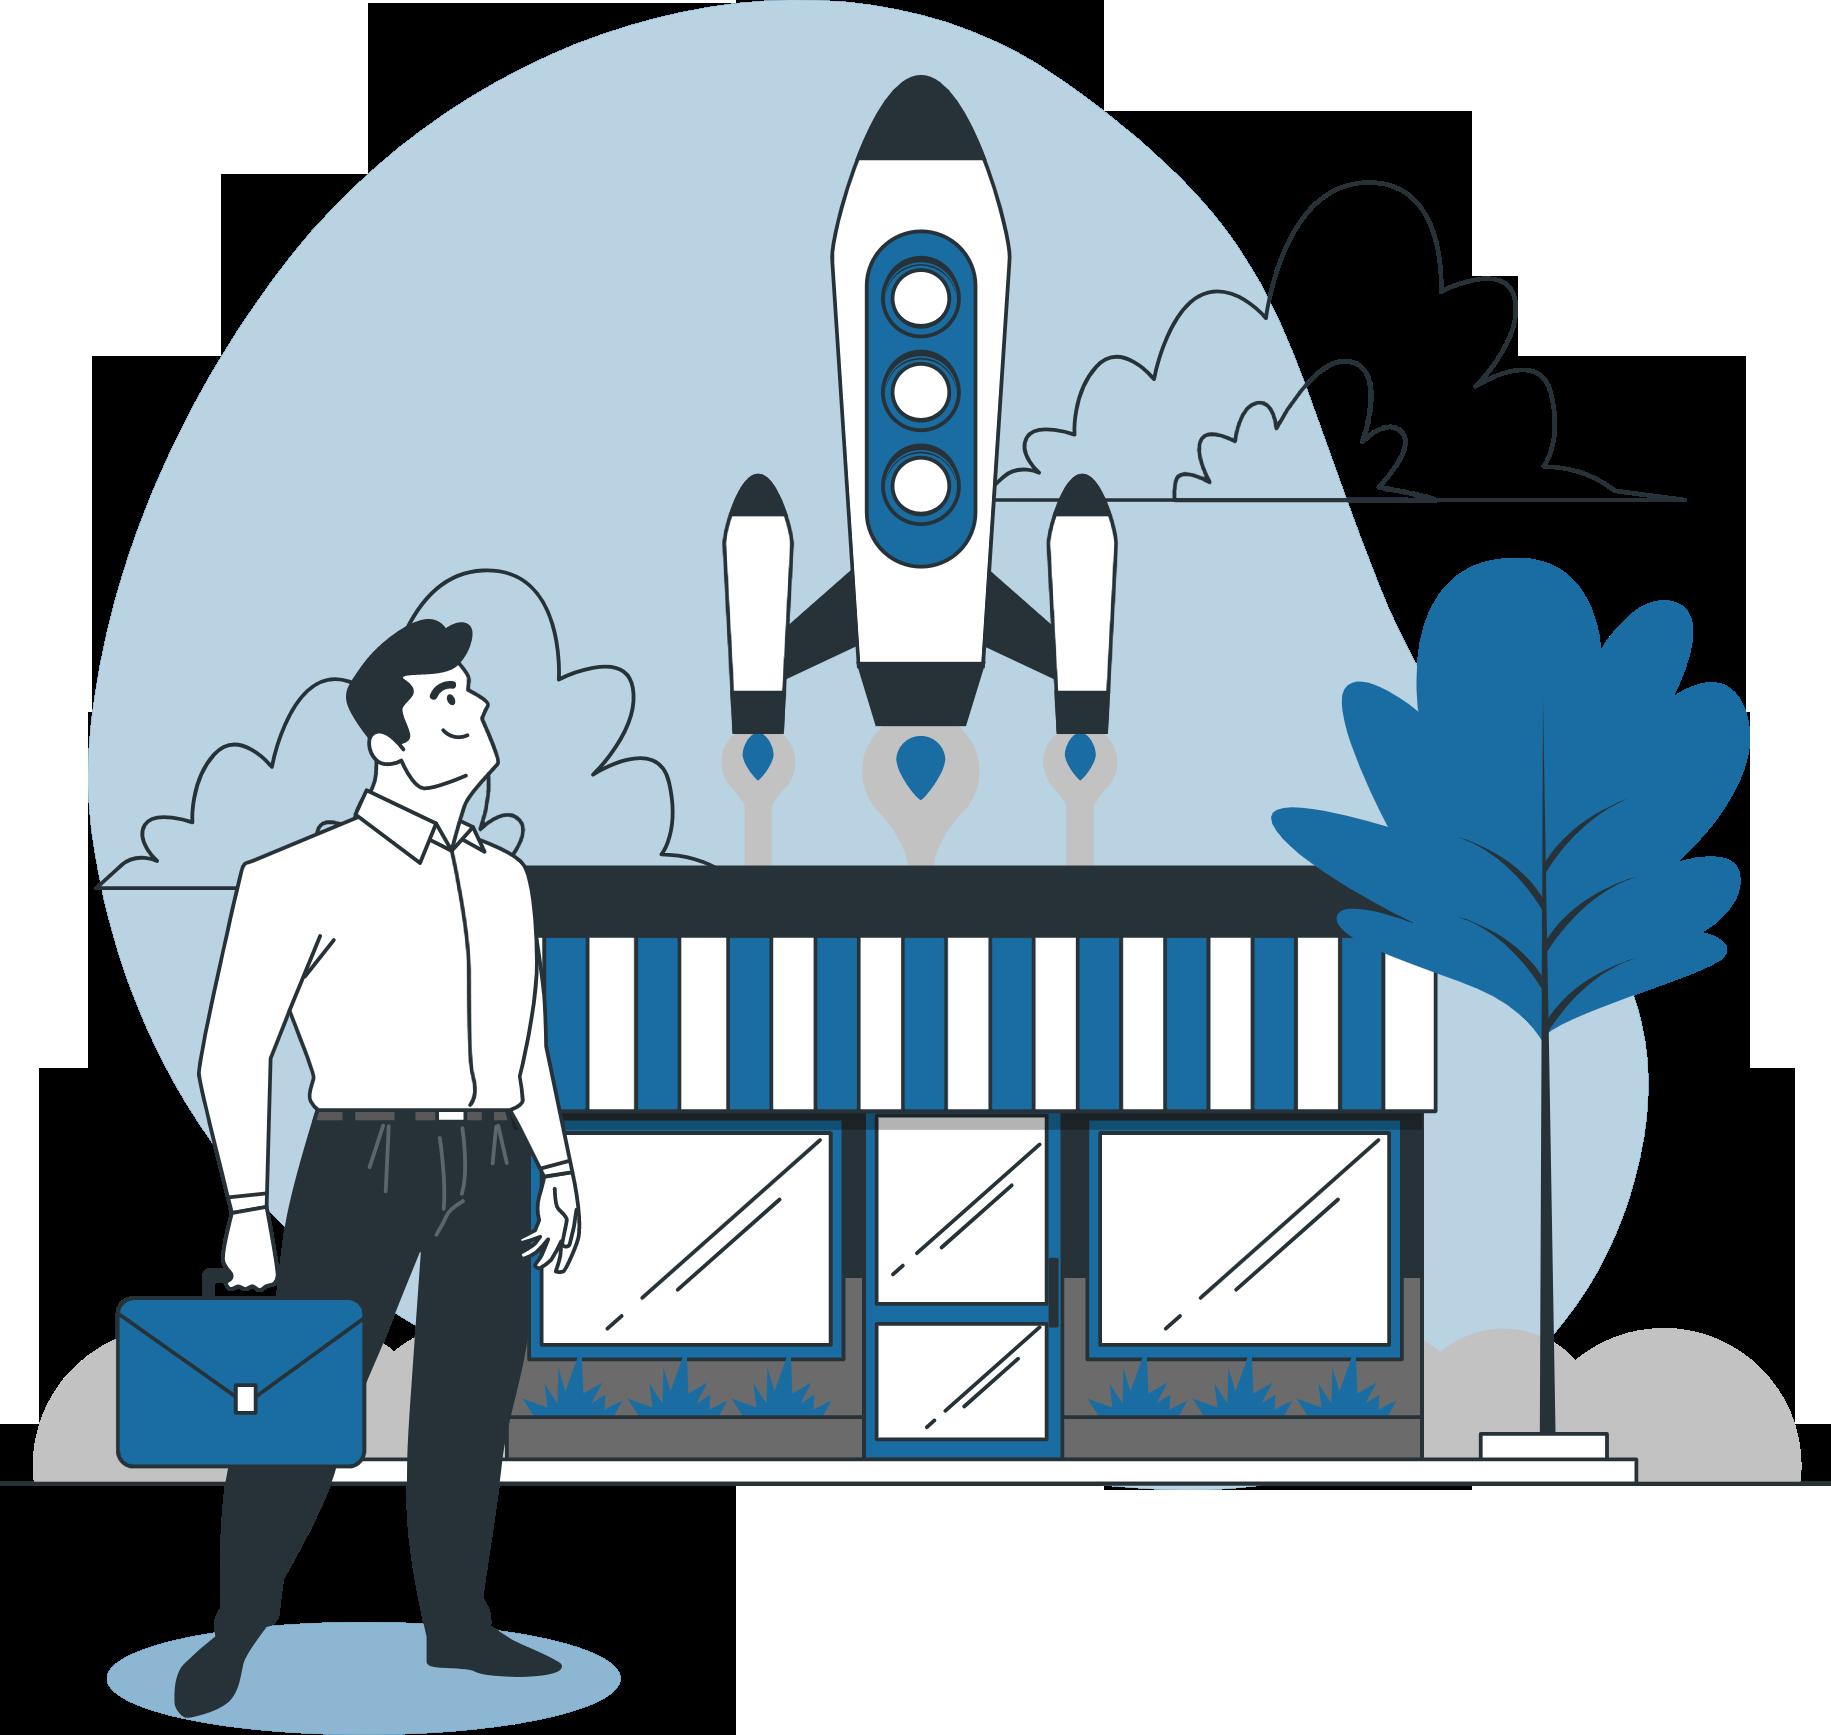 Réussir son lancement de produit ou service sur Internet